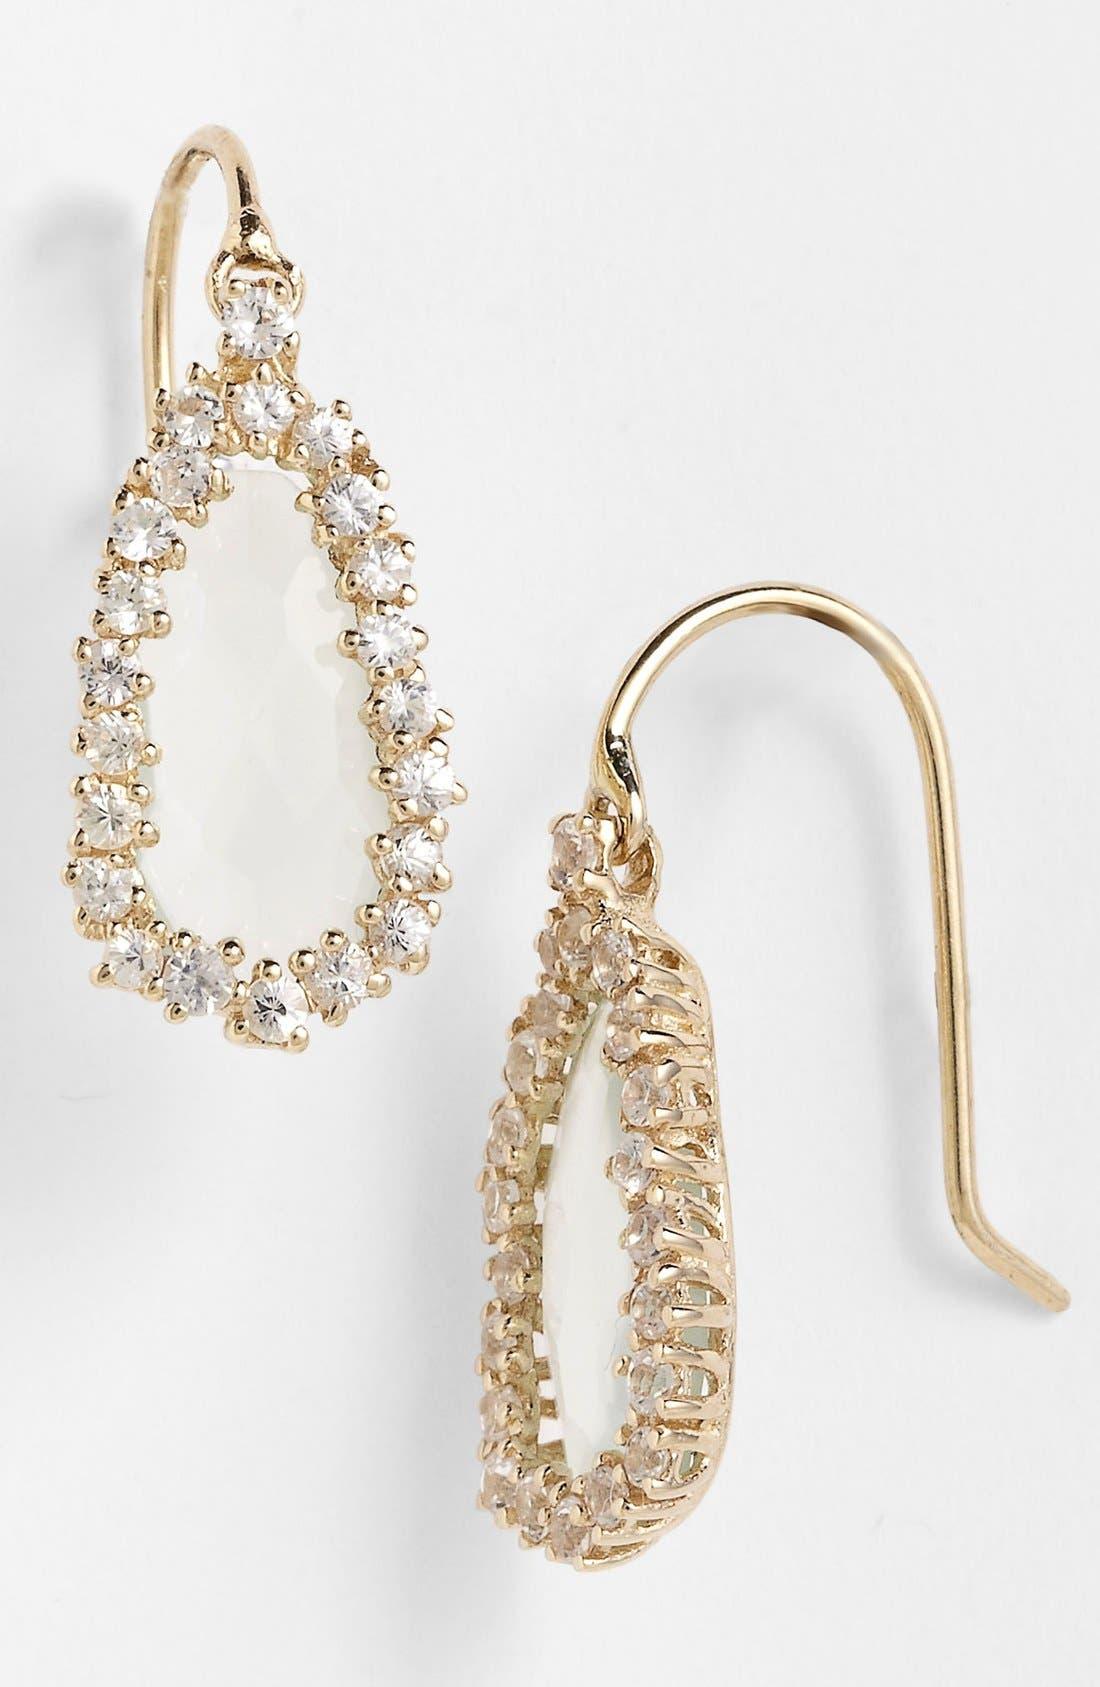 Main Image - KALAN by Suzanne Kalan Pear Shape Drop Earrings